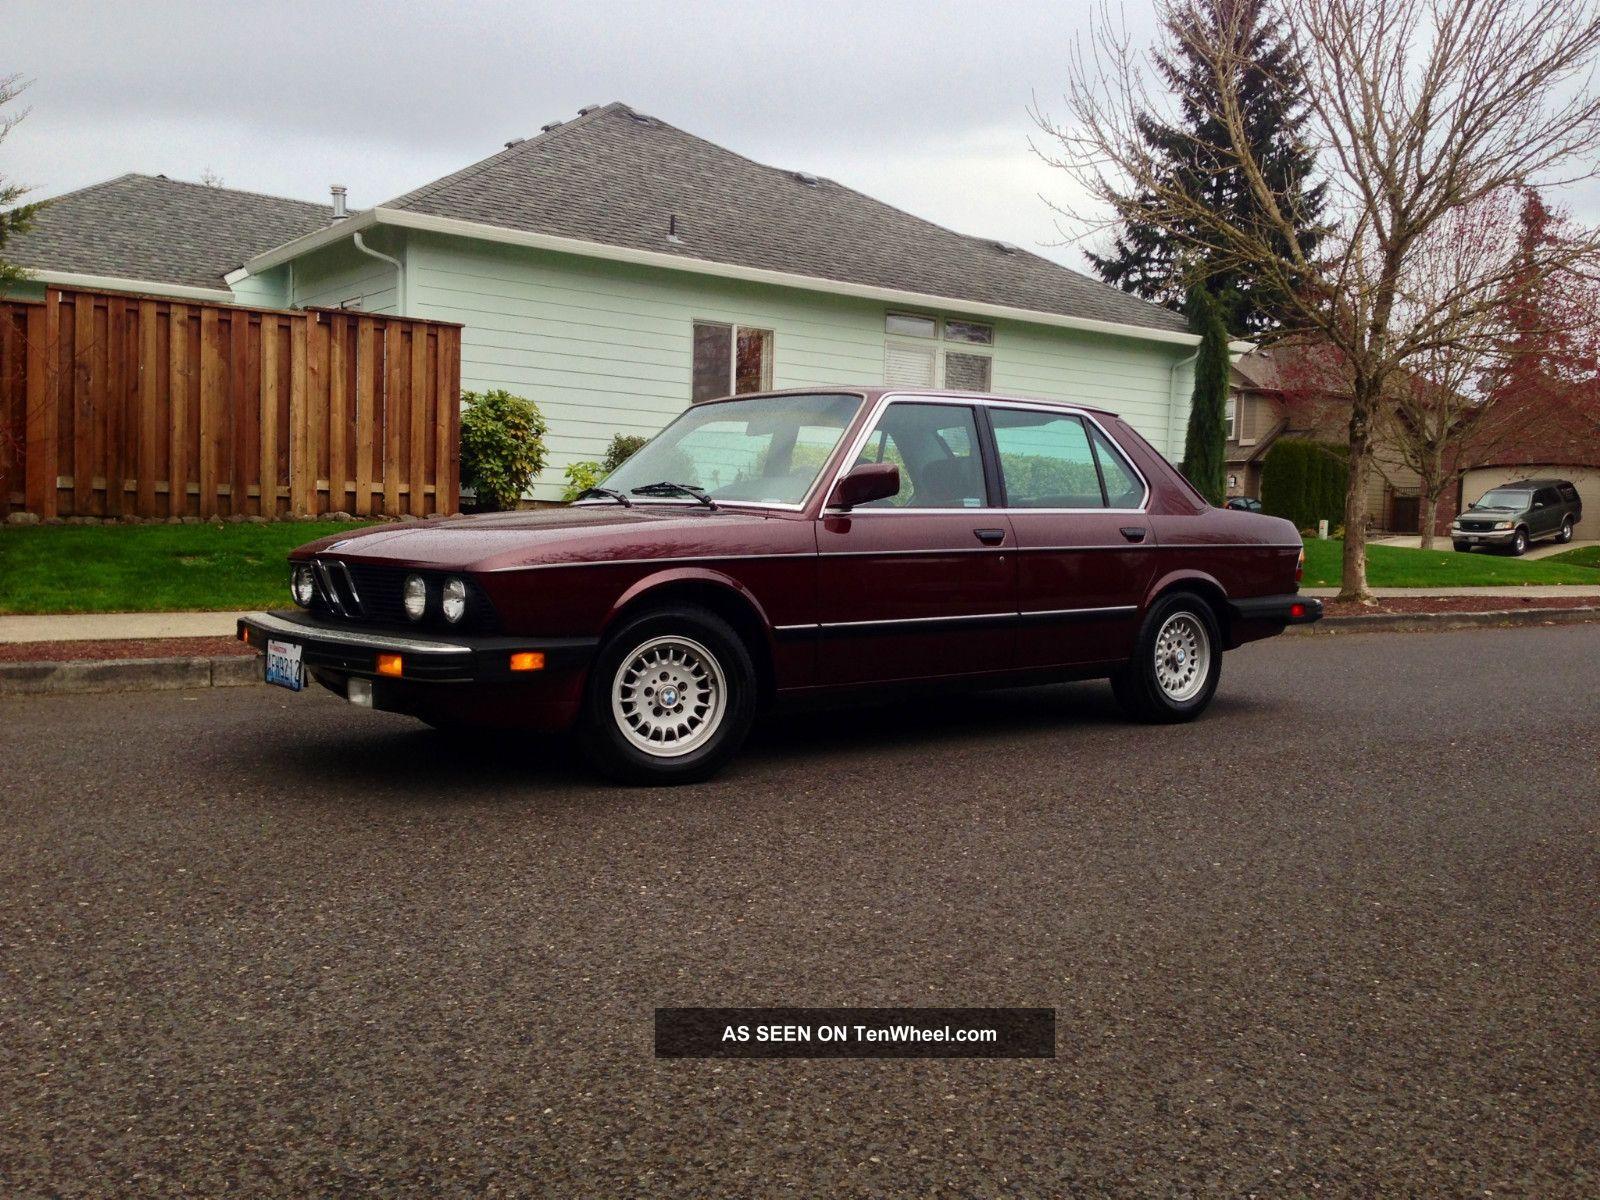 1985 Bmw 524td Sedan Diesel Excellent Conditon 1984 1983 5-Series photo